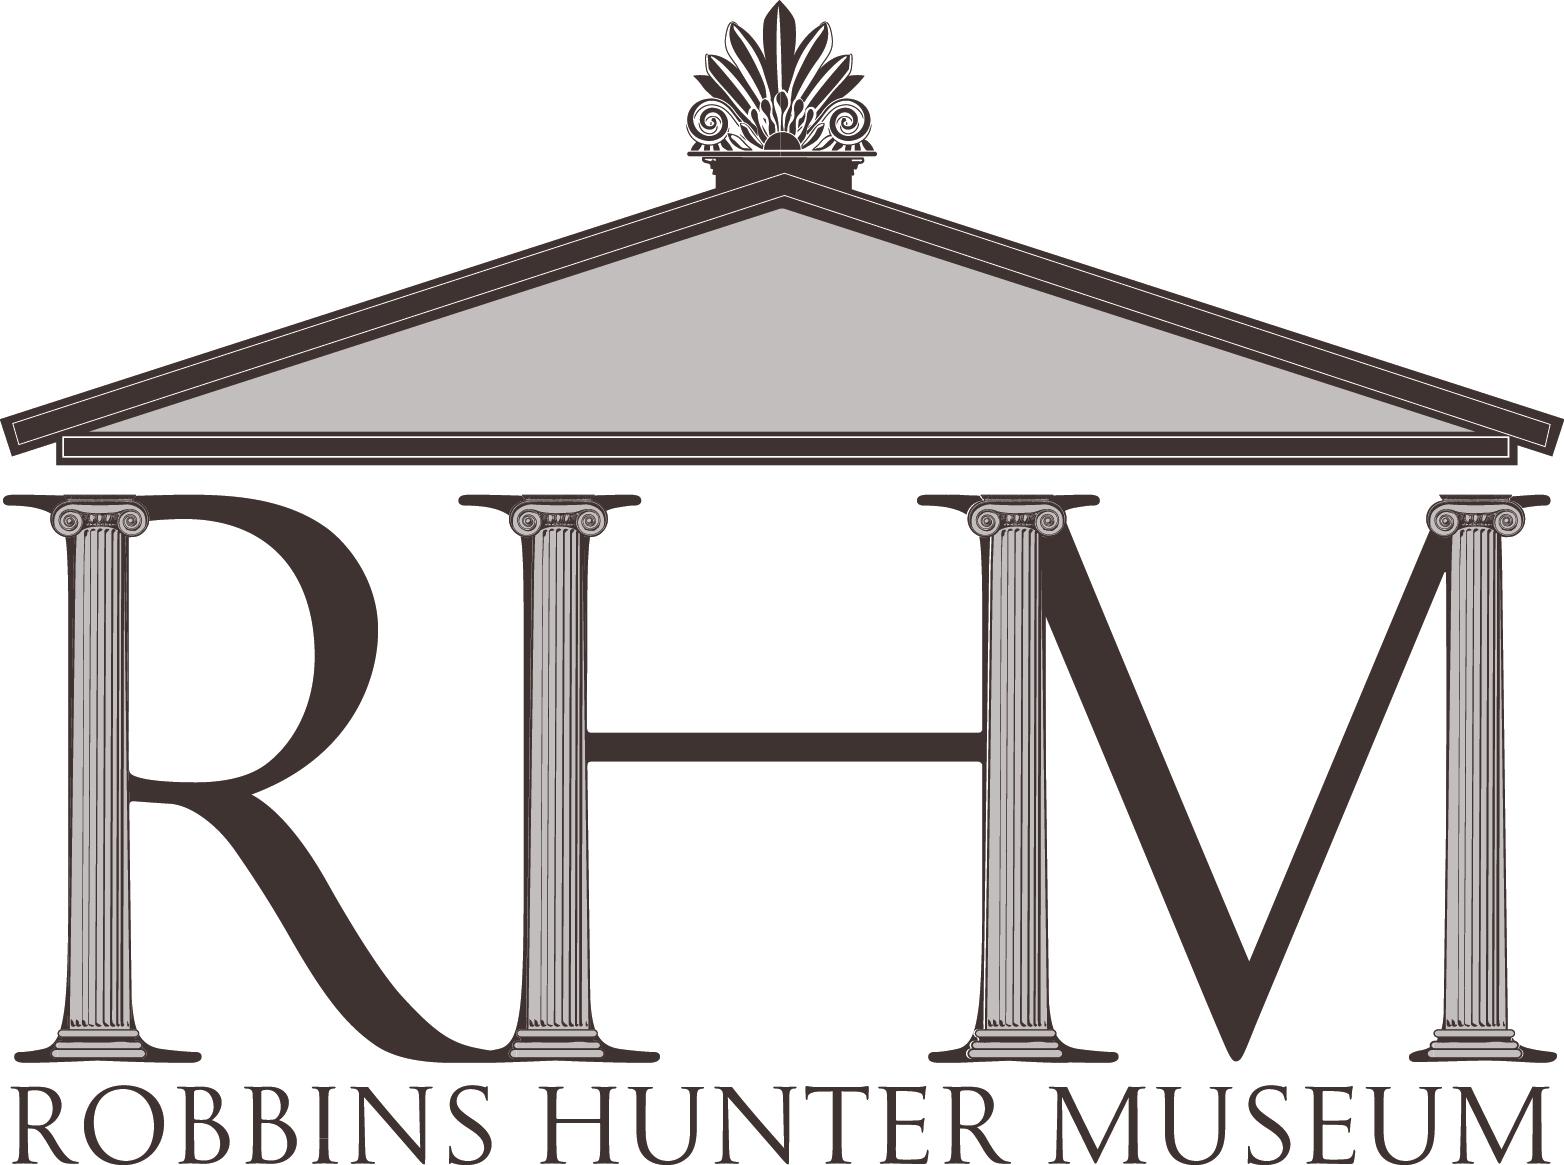 RHM_Logo2 hi-rez - Copy.jpg